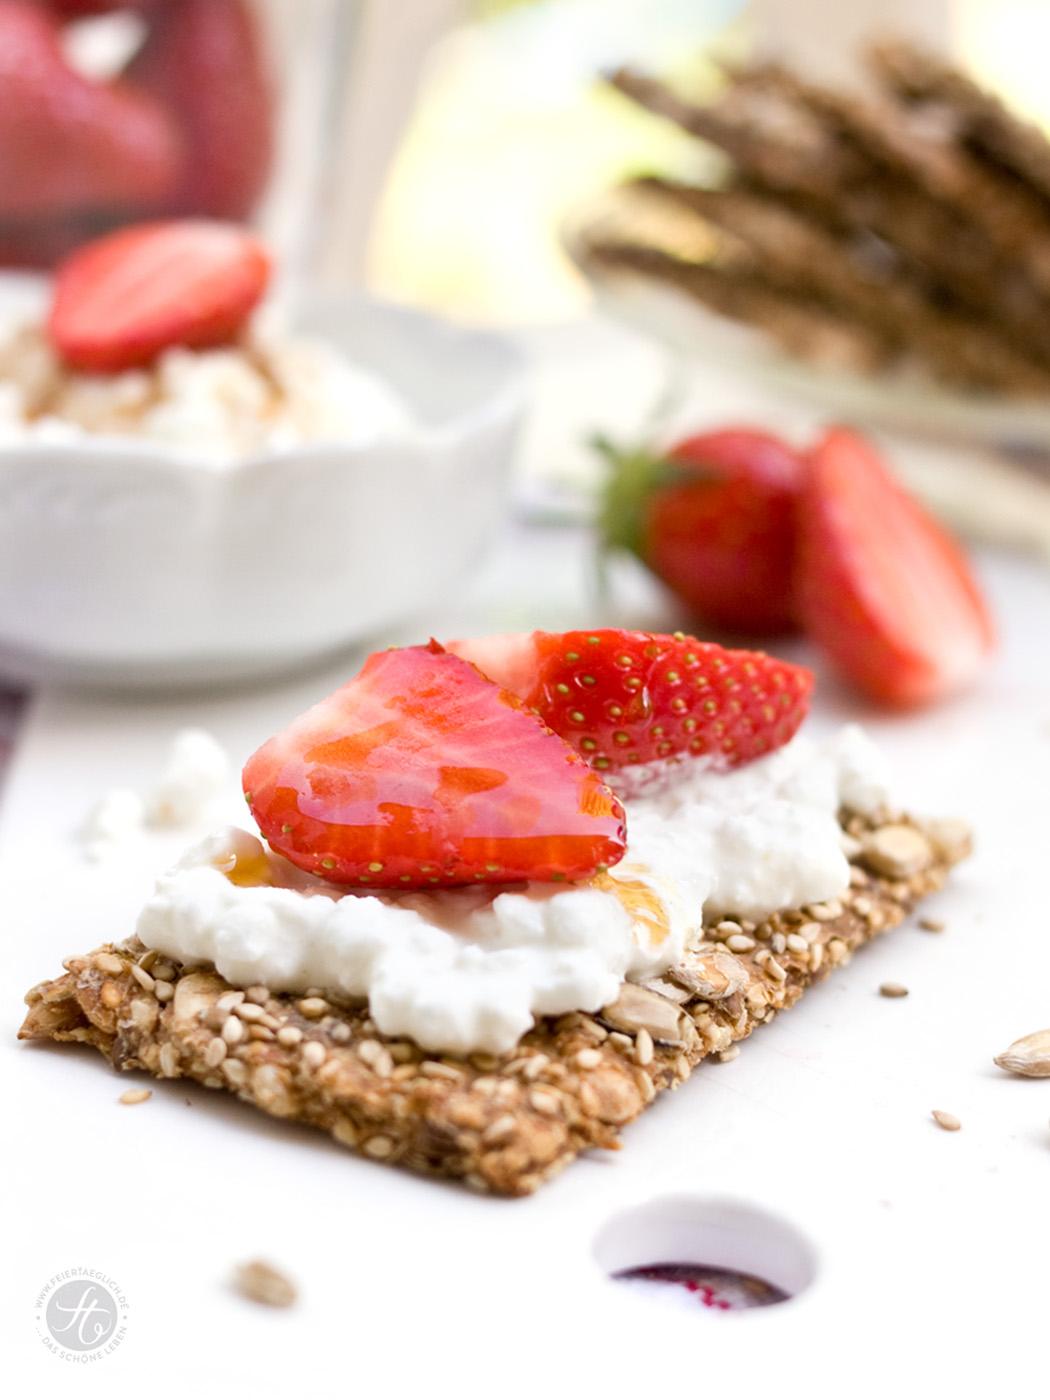 Ein Rezept für selbstgebackenes Sesam-Sonnenblumenkern-Knaeckebrot mit Vanillefrischkäse und Erdbeeren zum #FitFriday von Sarahs Krisenherd